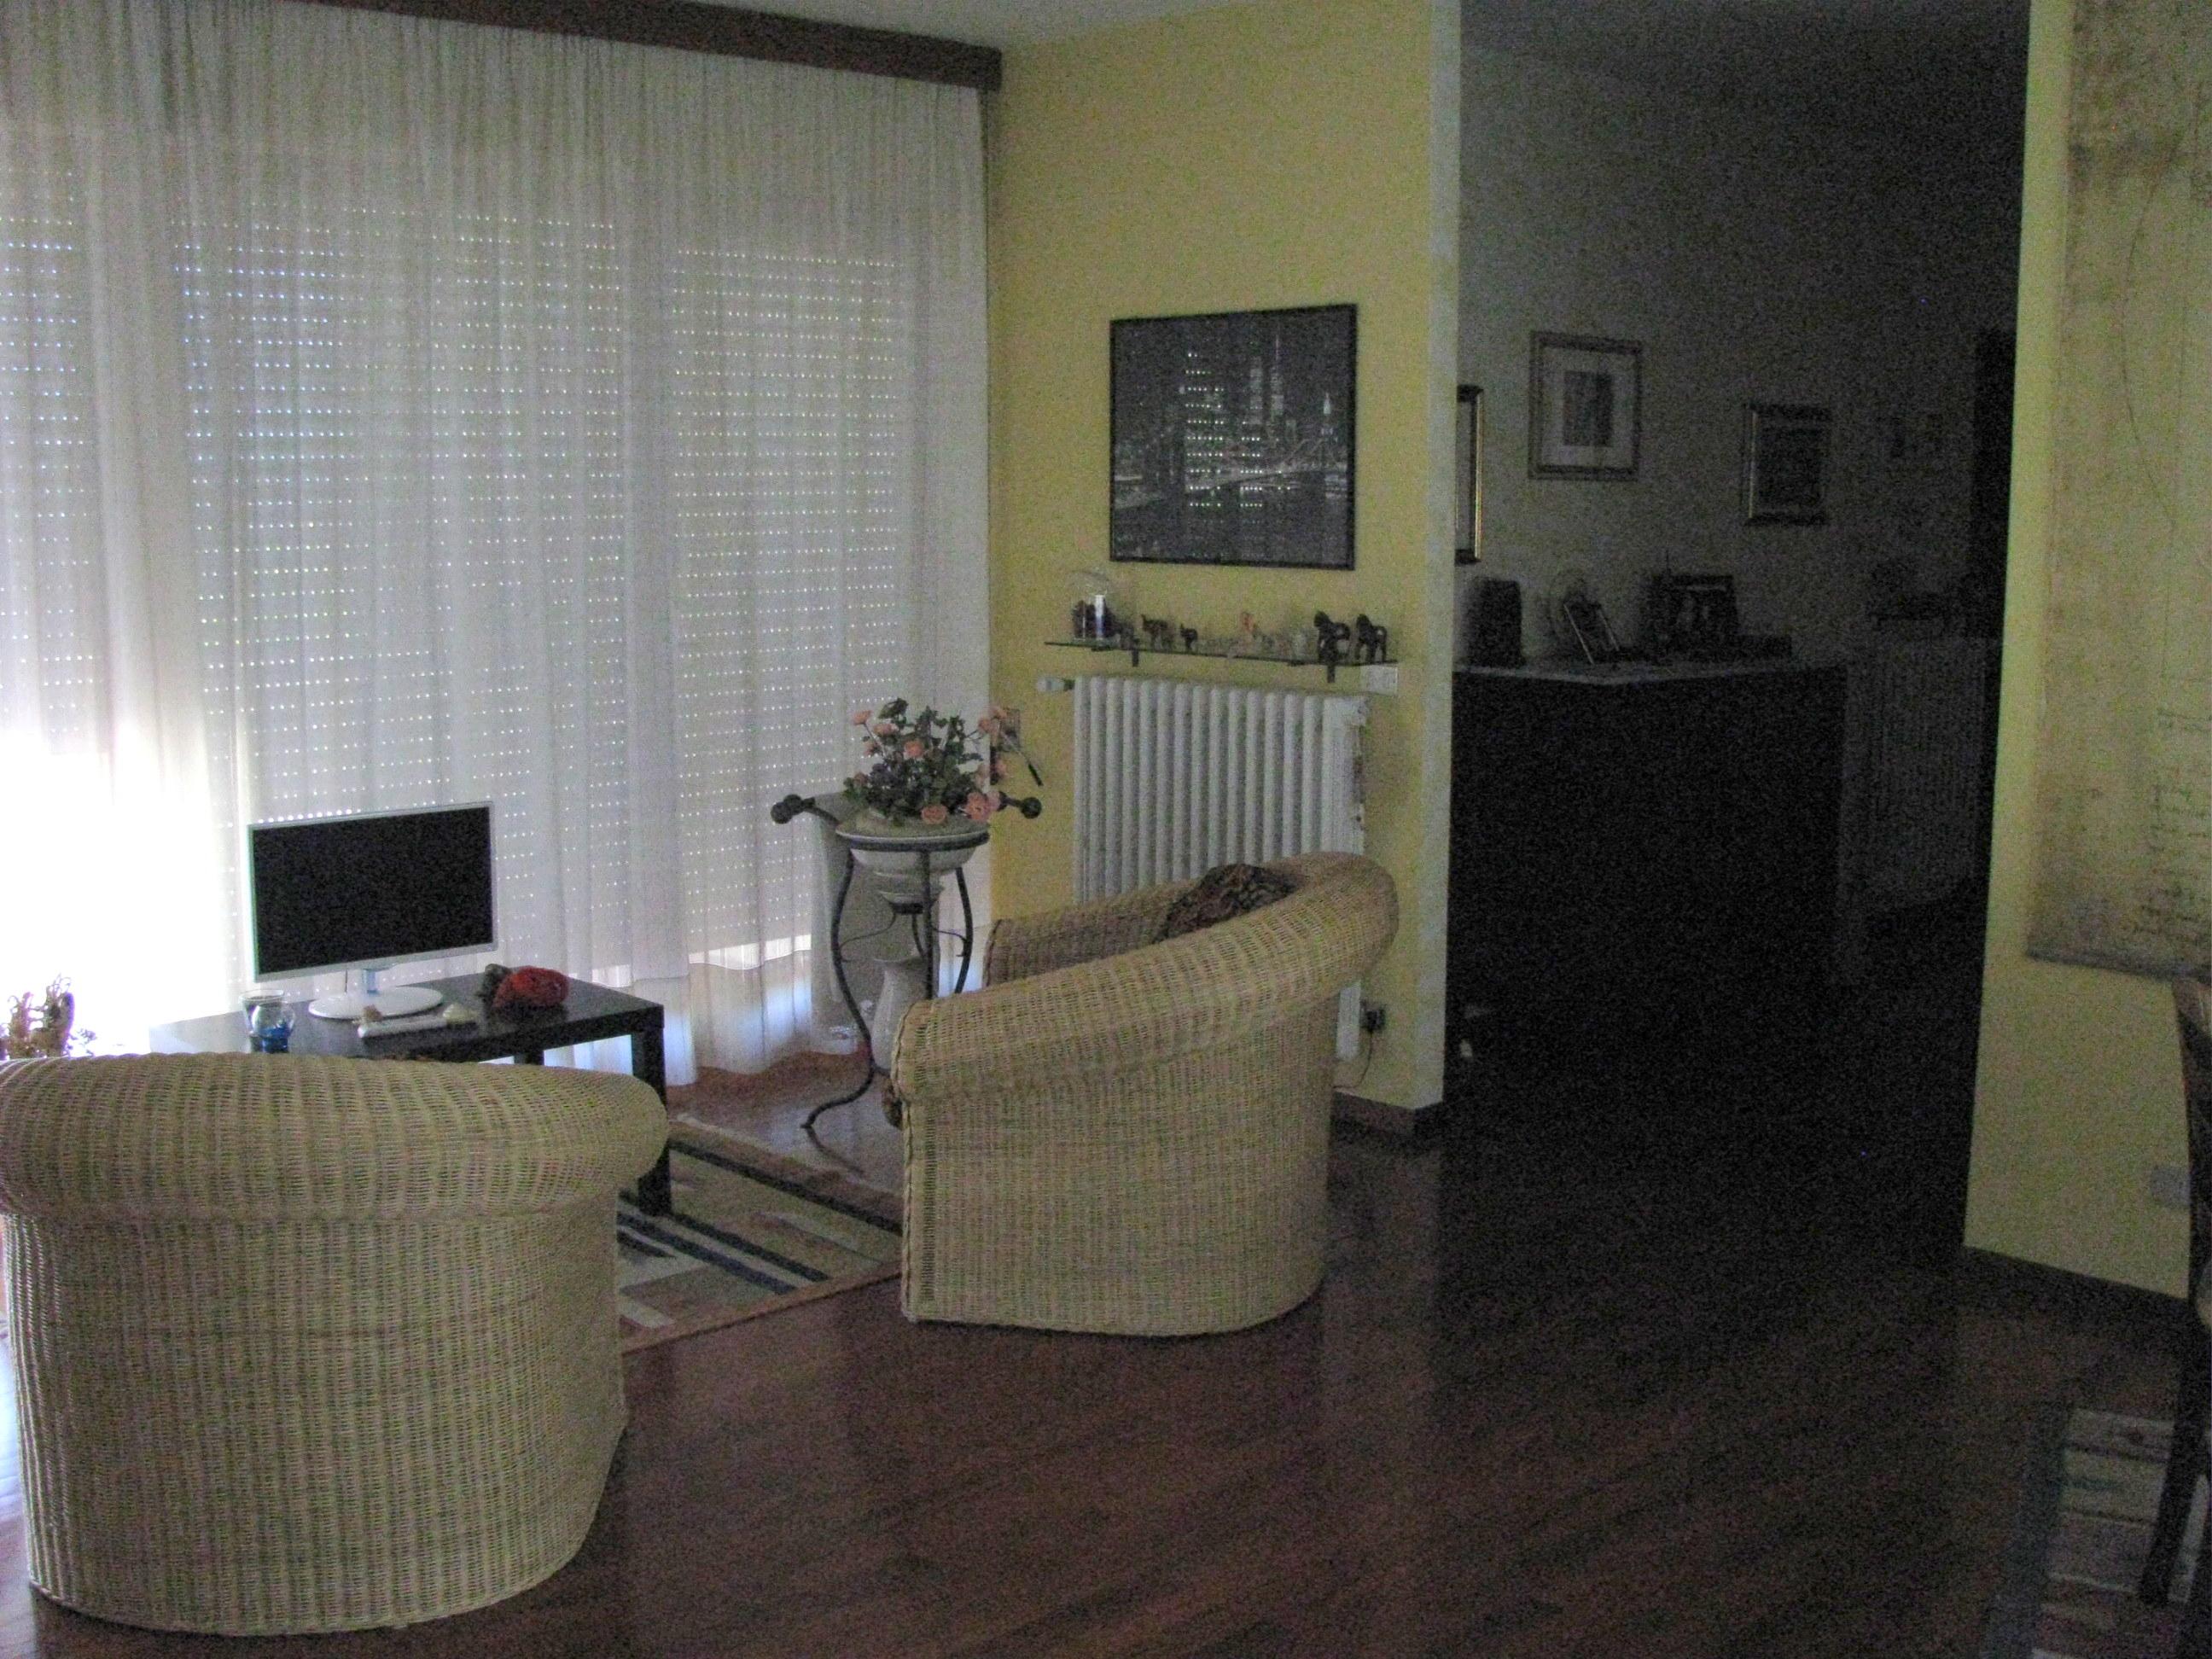 MASOTTI,MASOTTI,51100,4 Bedrooms Bedrooms,4 BathroomsBathrooms,Villa,MASOTTI,1375